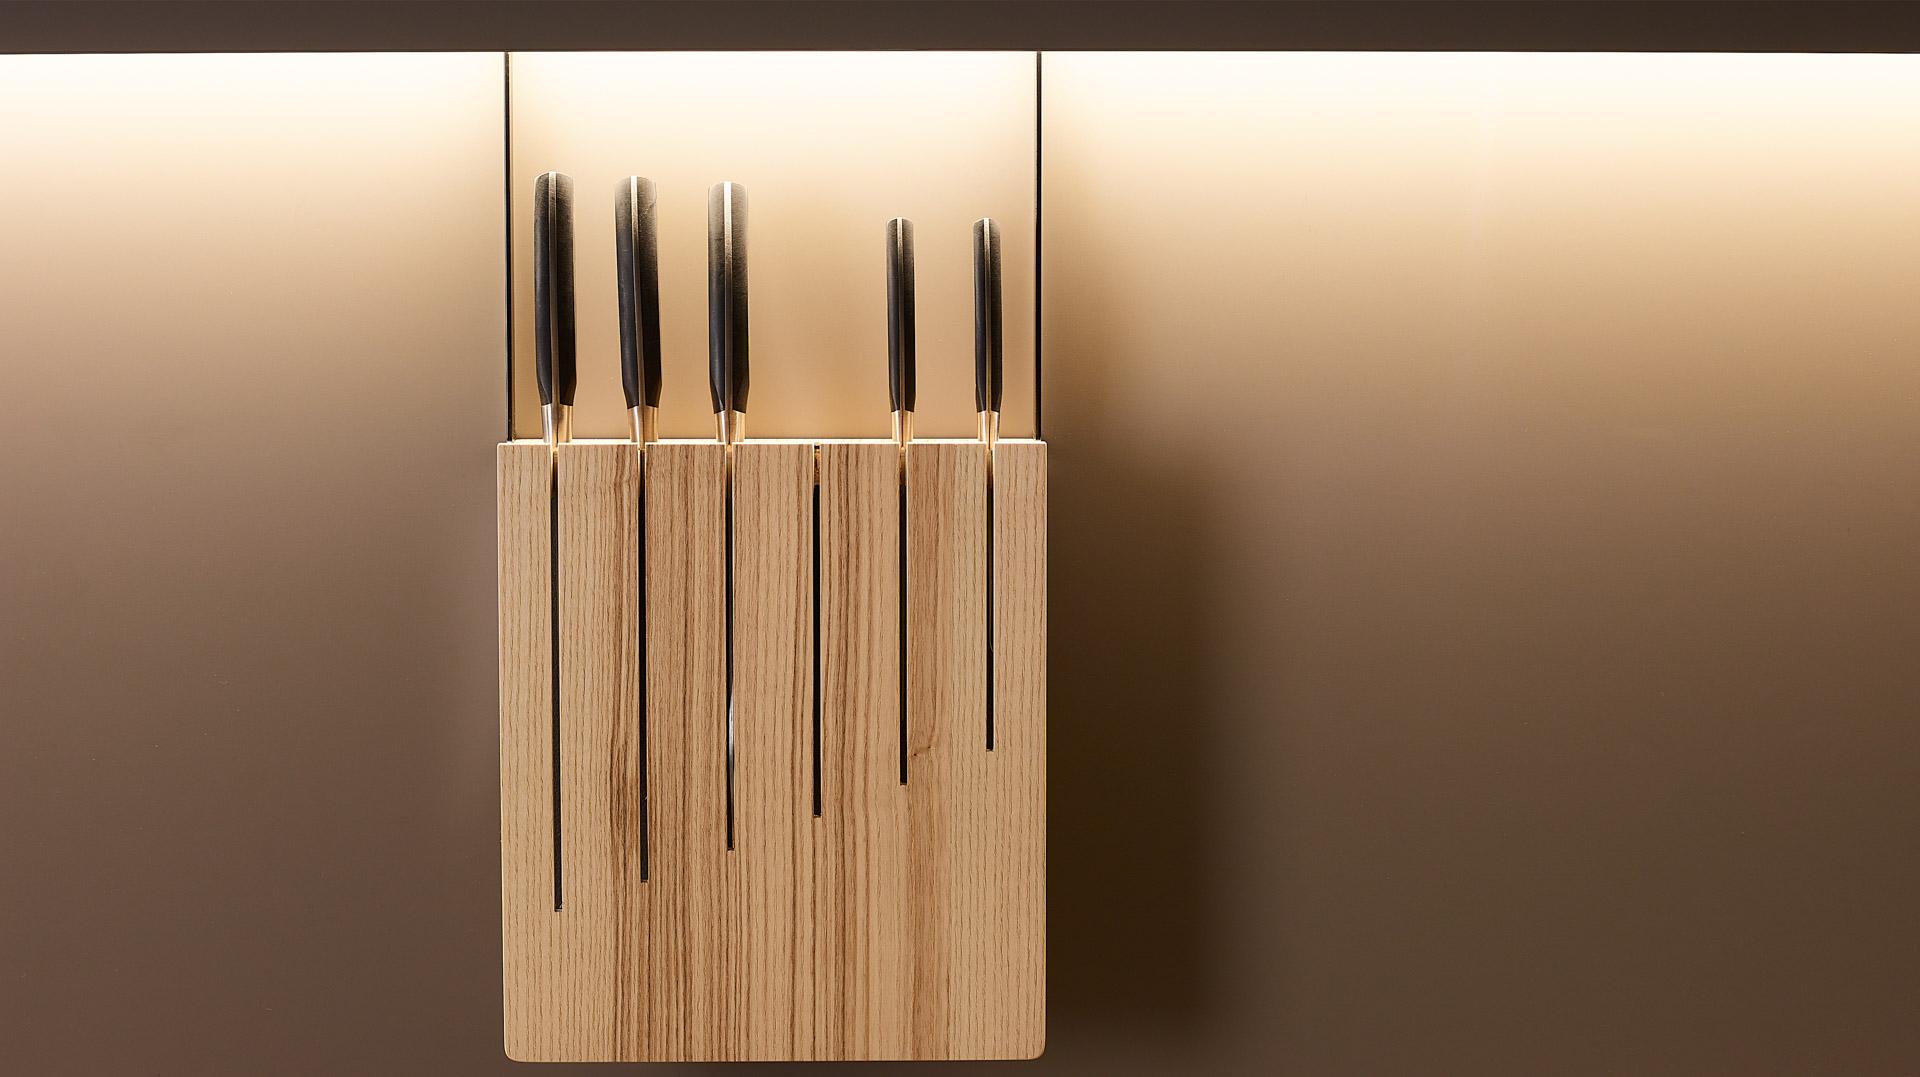 Cuchillero en madera de fresno olivo. Accesorios Santiago Interiores